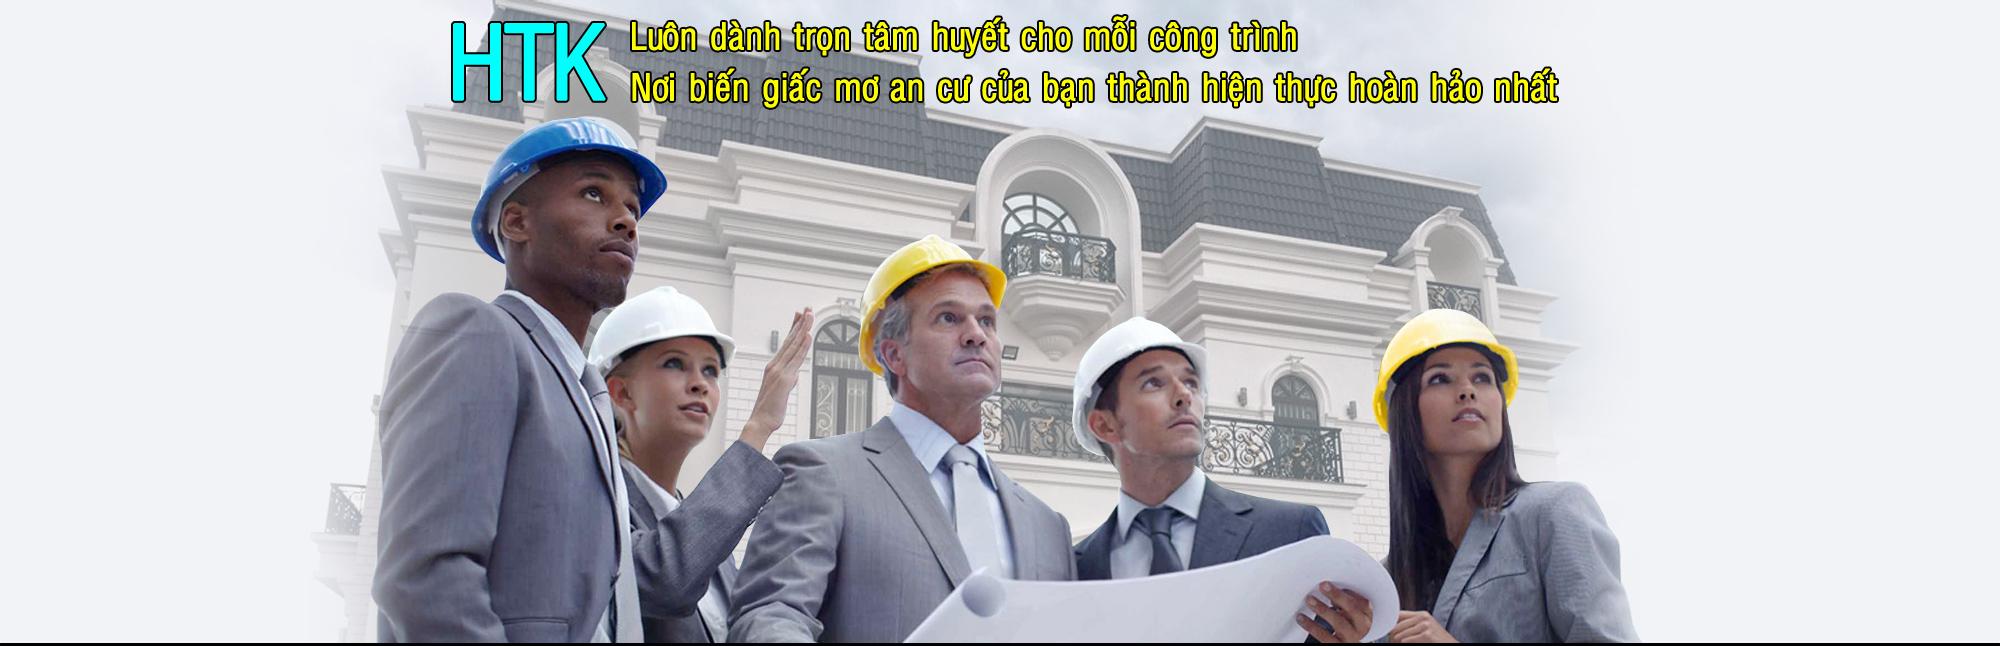 Thi công nhà đẹp HTK baner 2